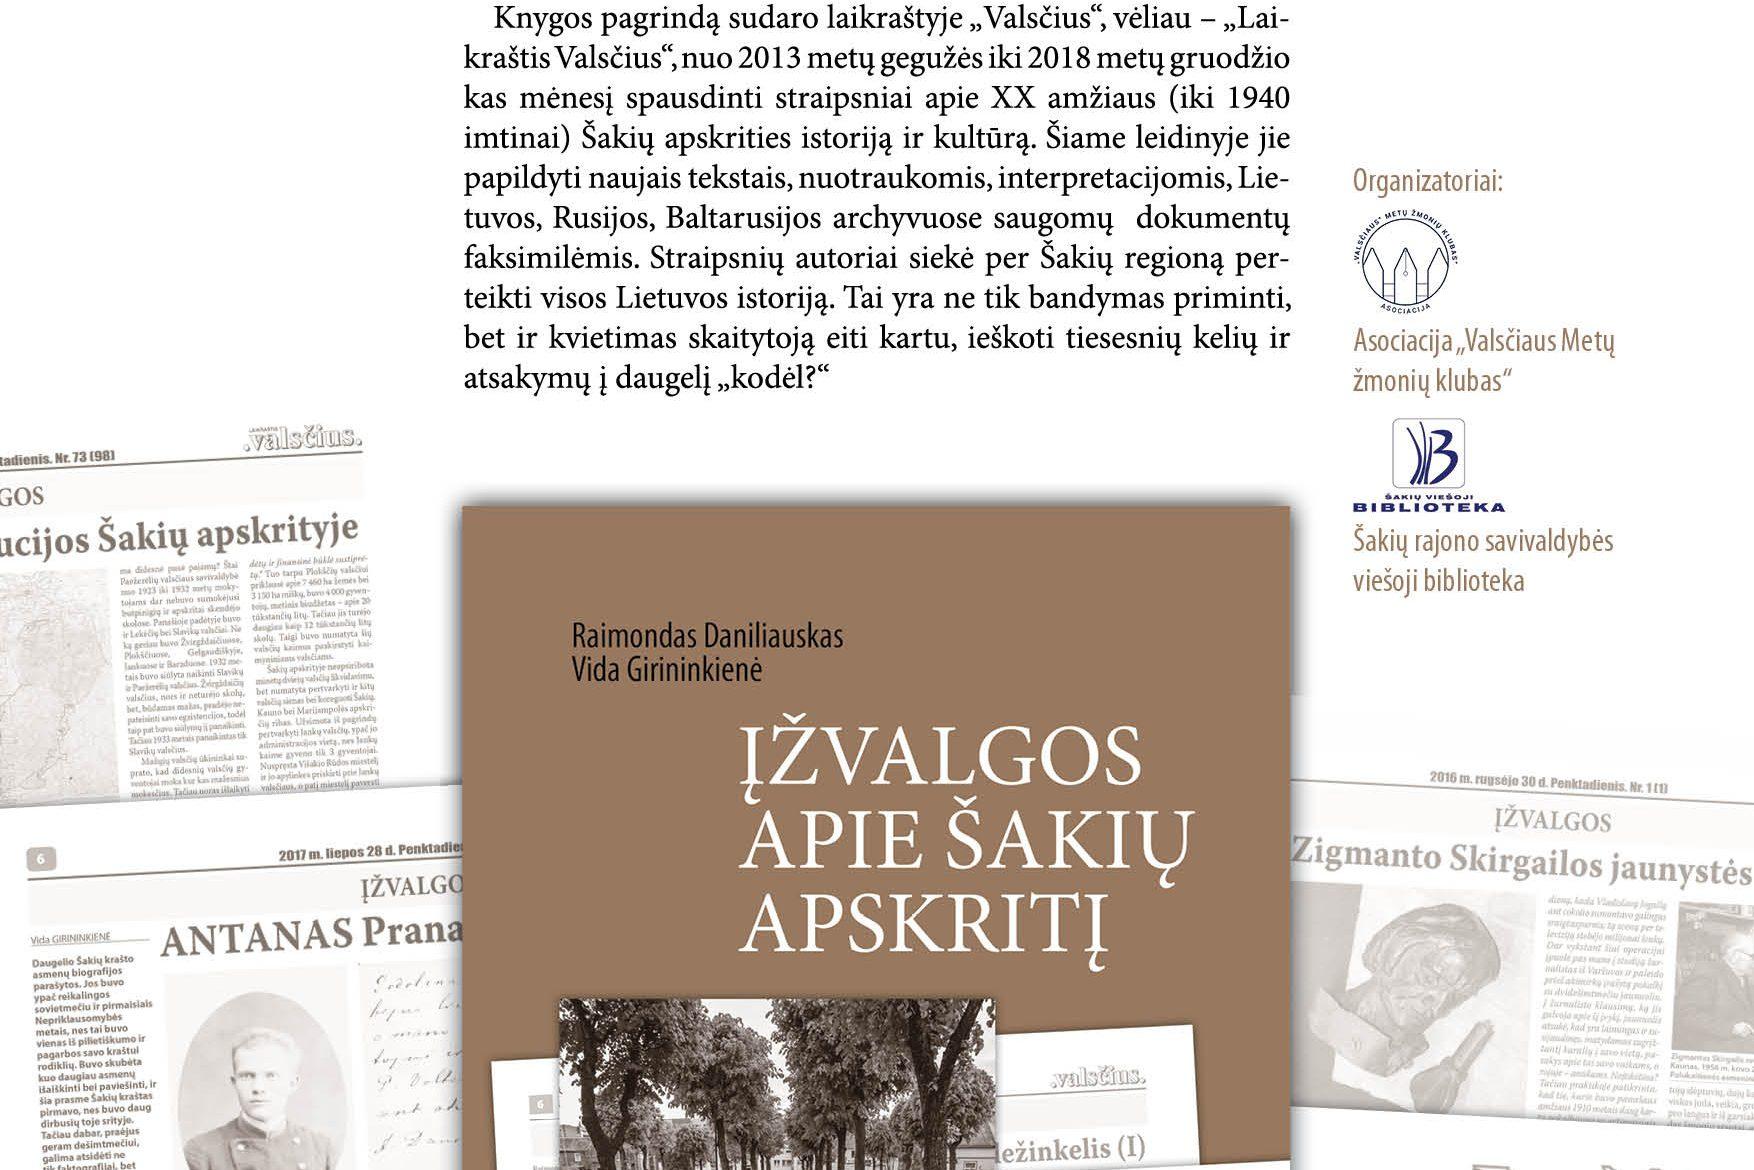 """Knygos ,,Įžvalgos apie Šakių apskritį"""" pristatymas"""